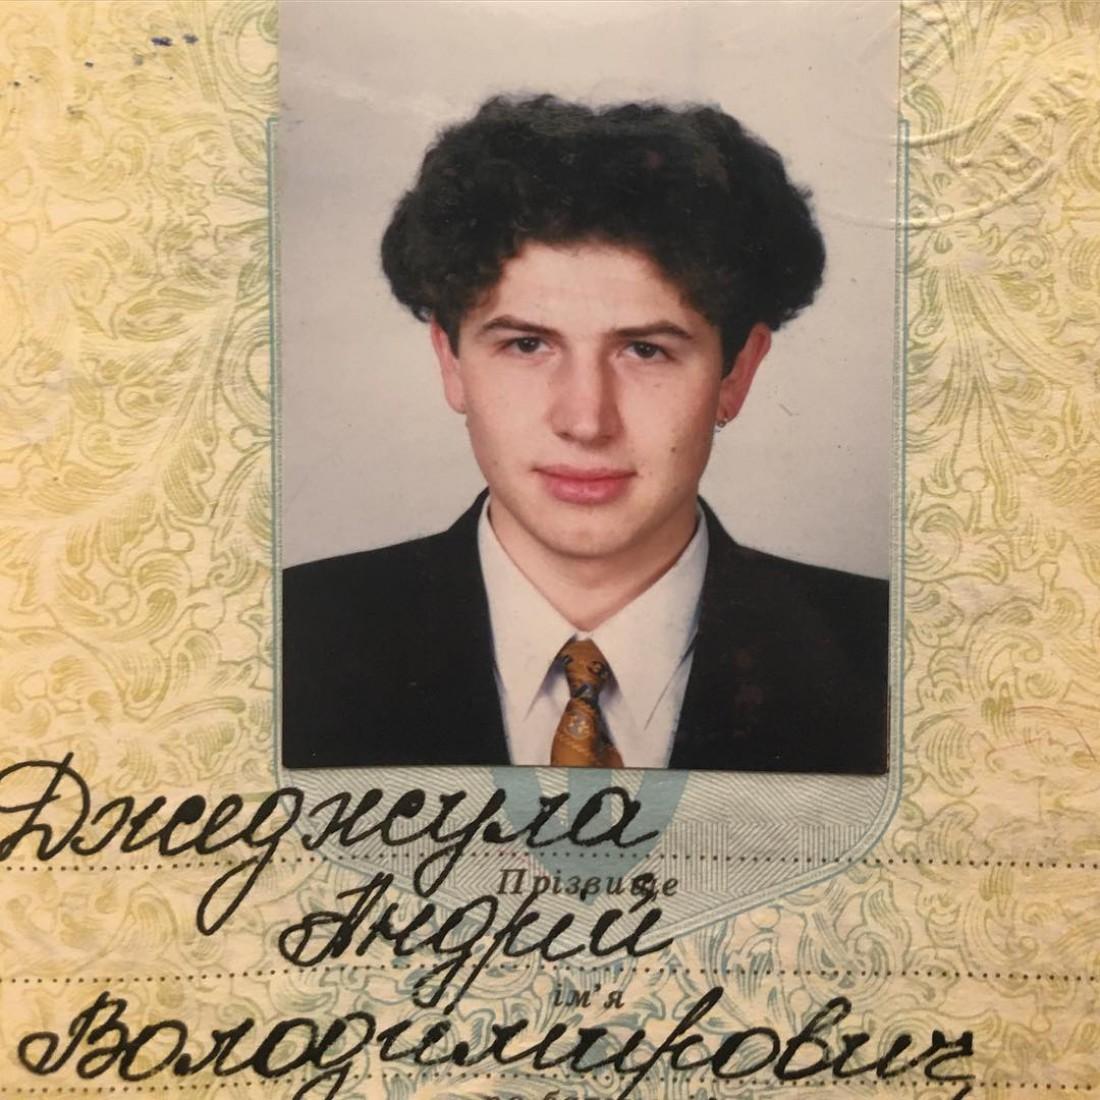 Фото Джеджулы в паспорте